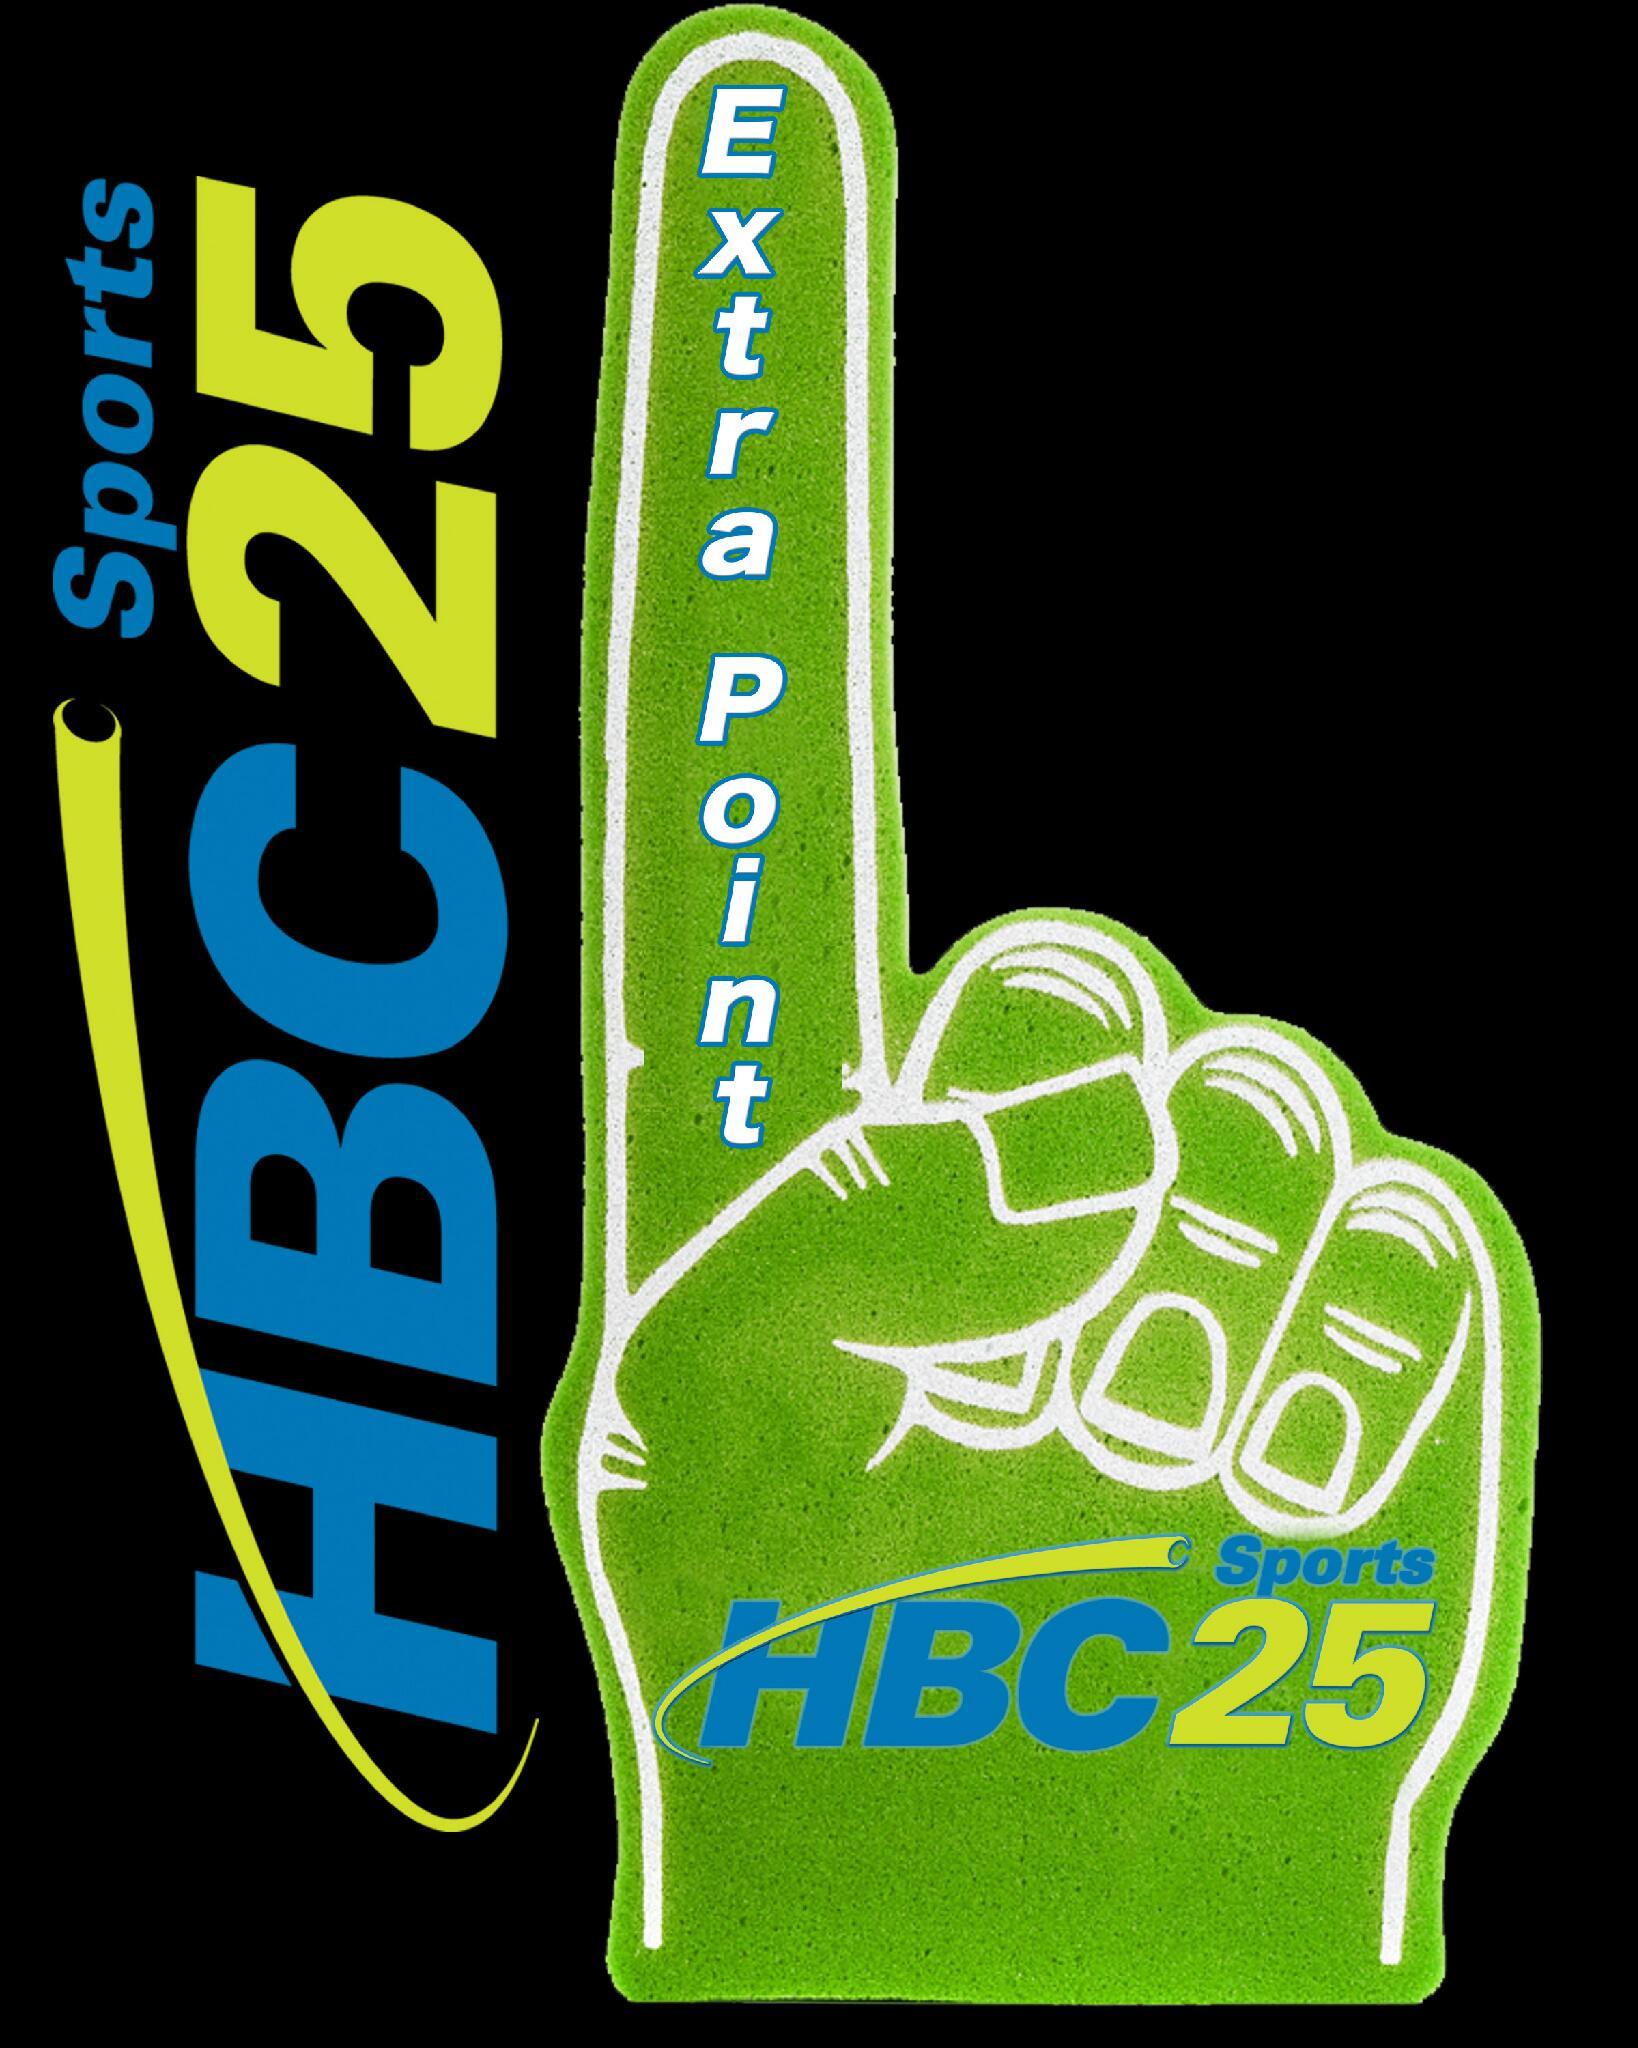 Hbc tv guide winona mn